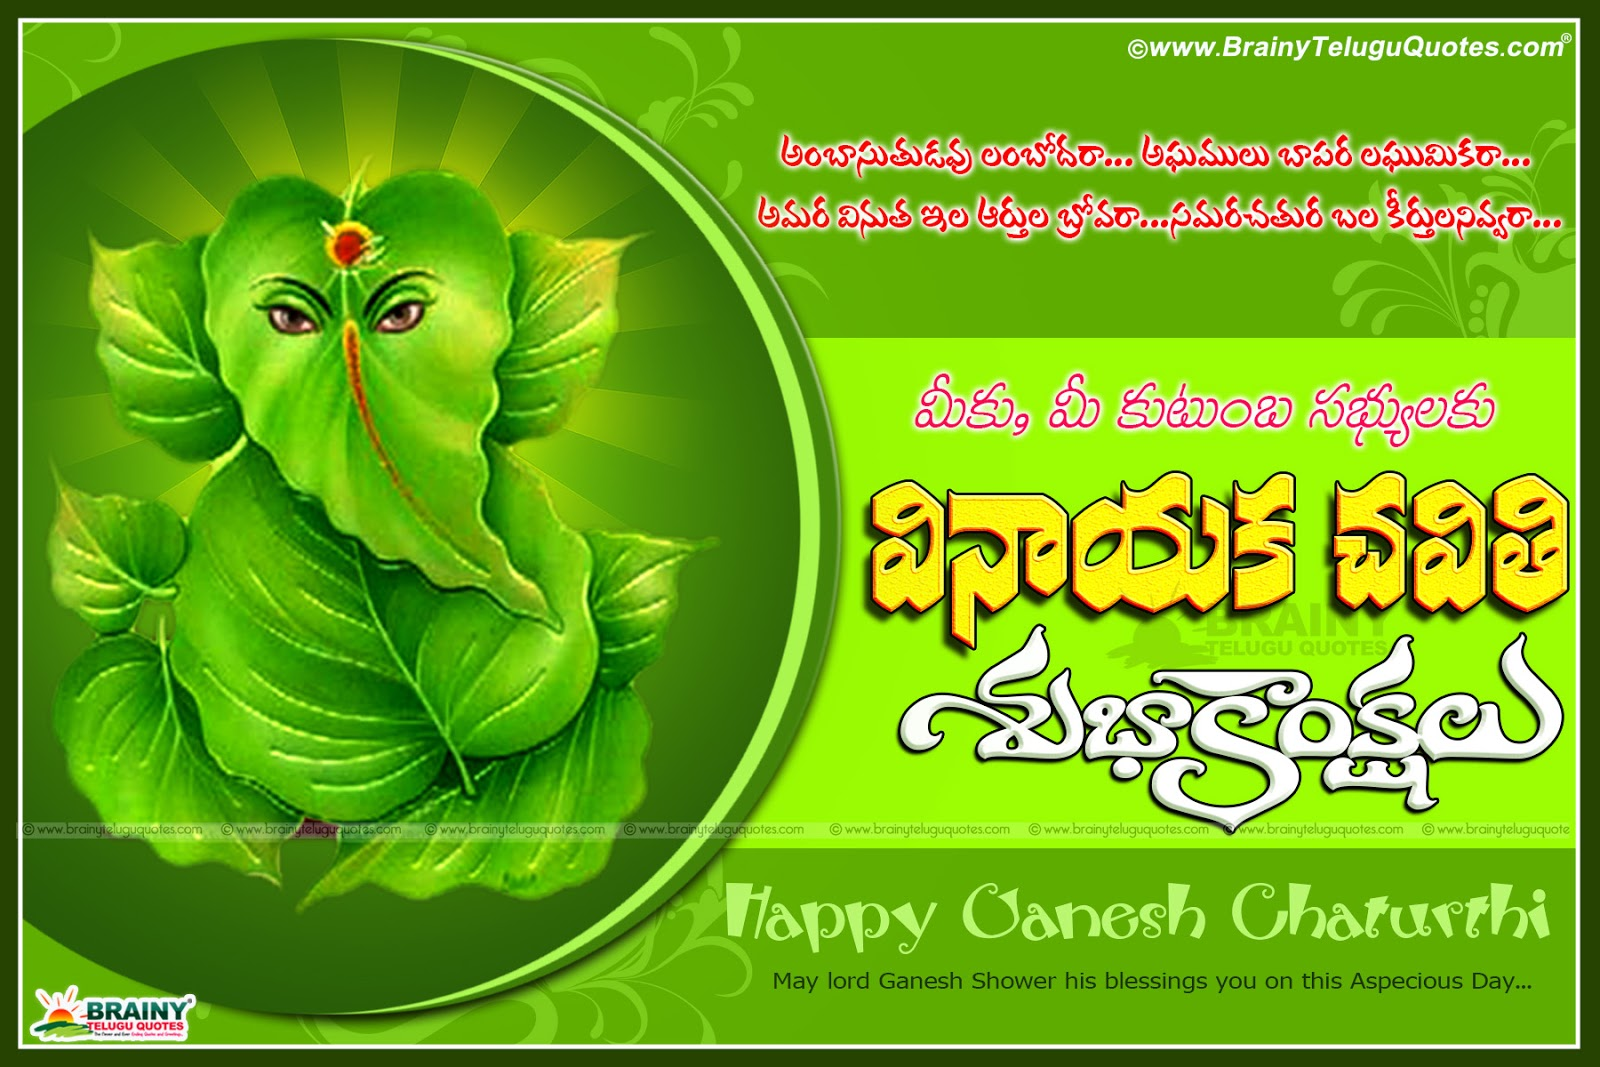 Vinayaka Chavithi Greetings In Telugu Beautiful Ganesh Chaturthi